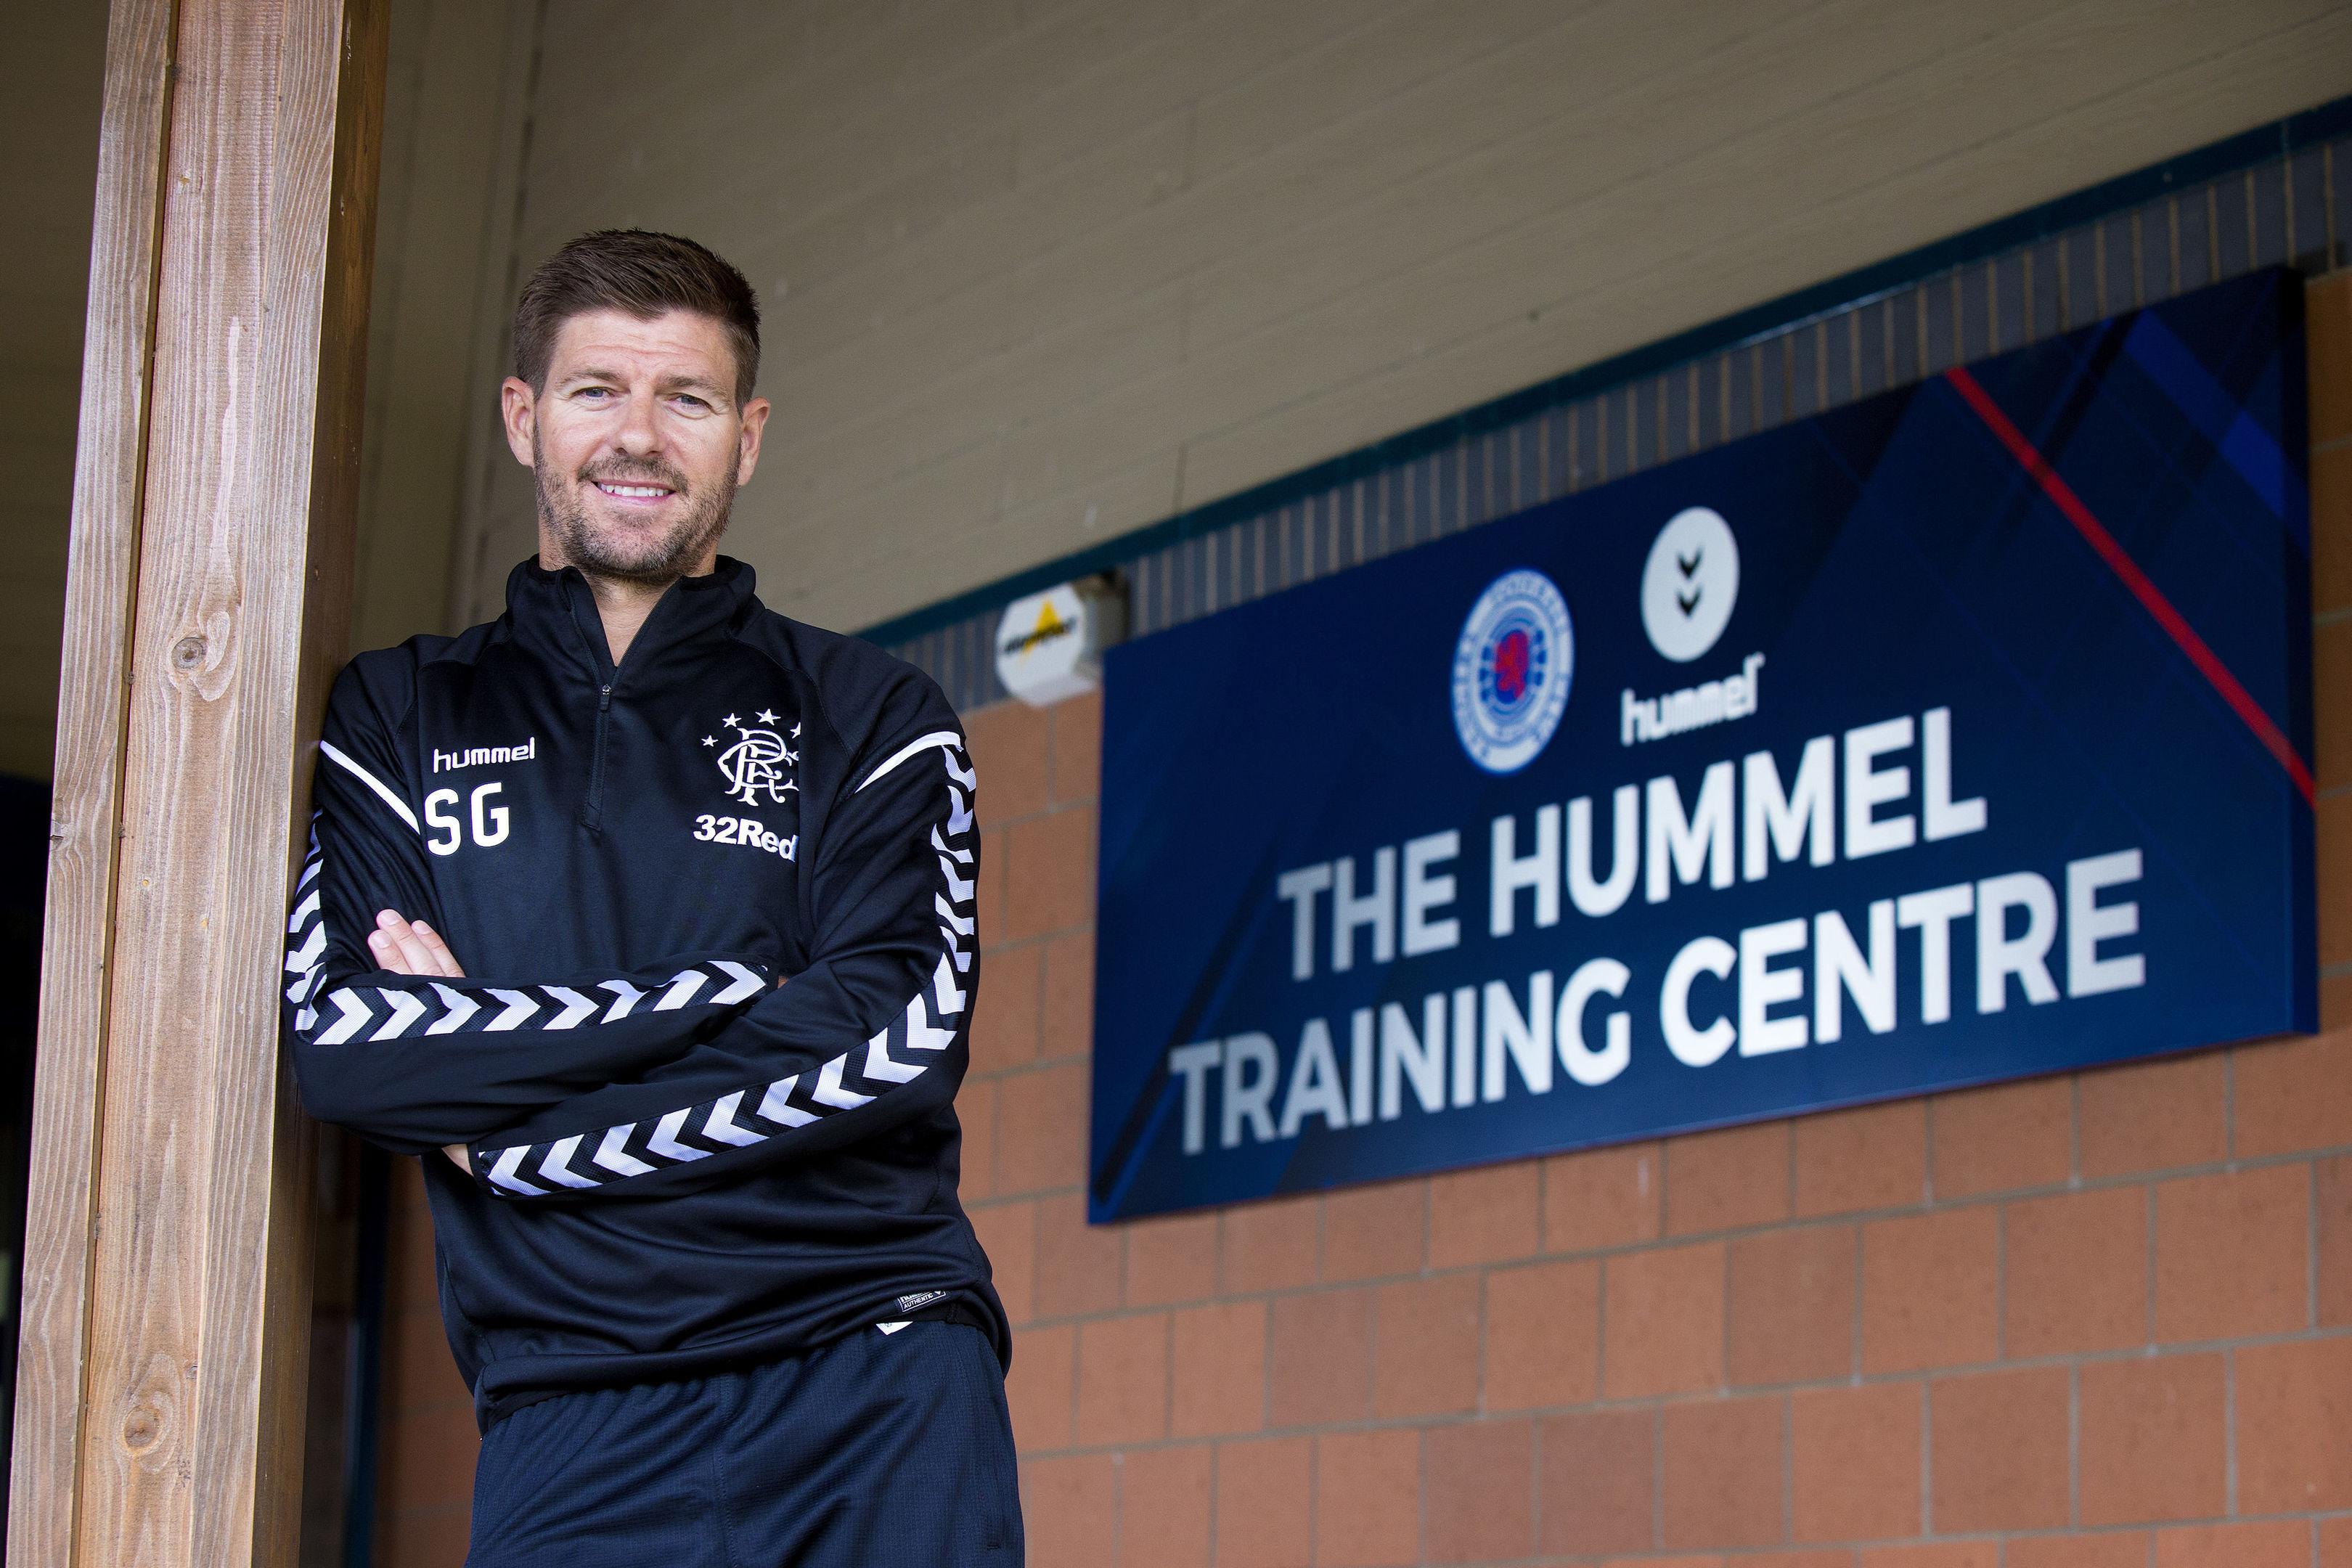 Rangers boss Steven Gerrard (Kirk O'Rourke/Rangers Football Club/PA Wire)